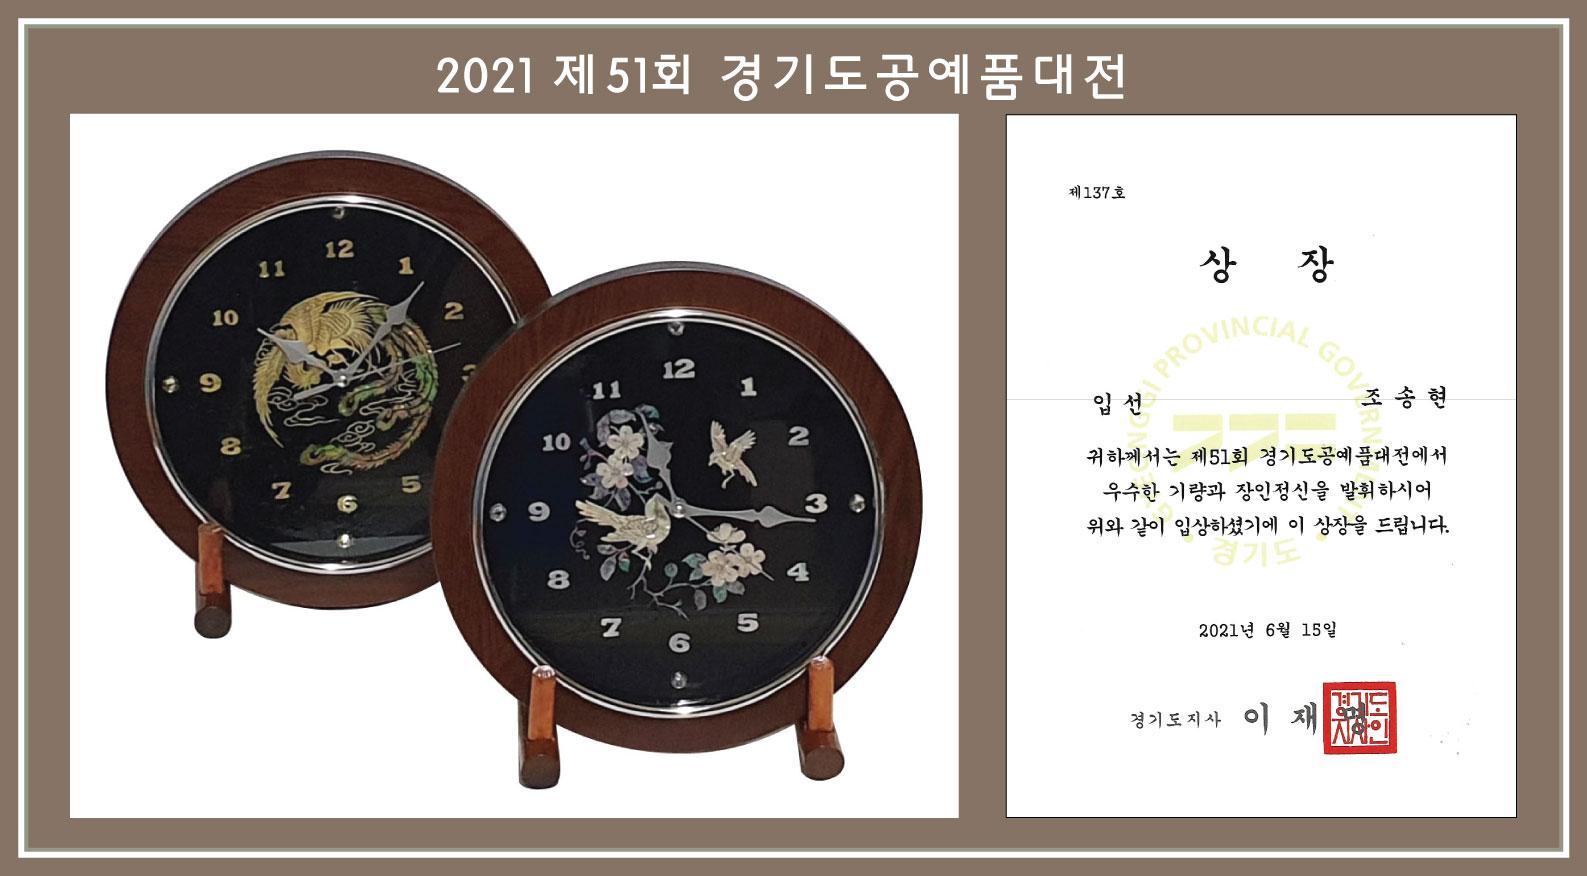 2021년 제51회 경기도공예품대전 입상